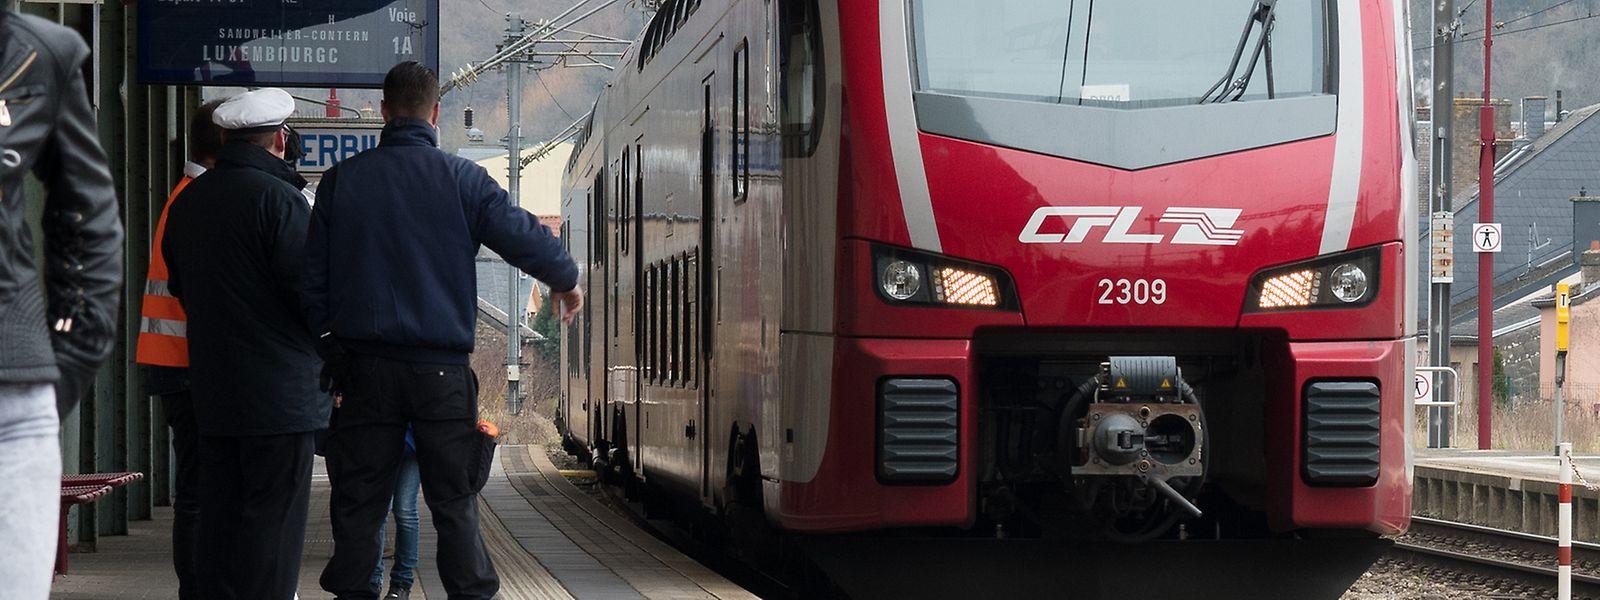 Der Bahnverkehr zwischen Luxemburg und Trier steht von Samstag, 6. April bis Montag, 22. April still.